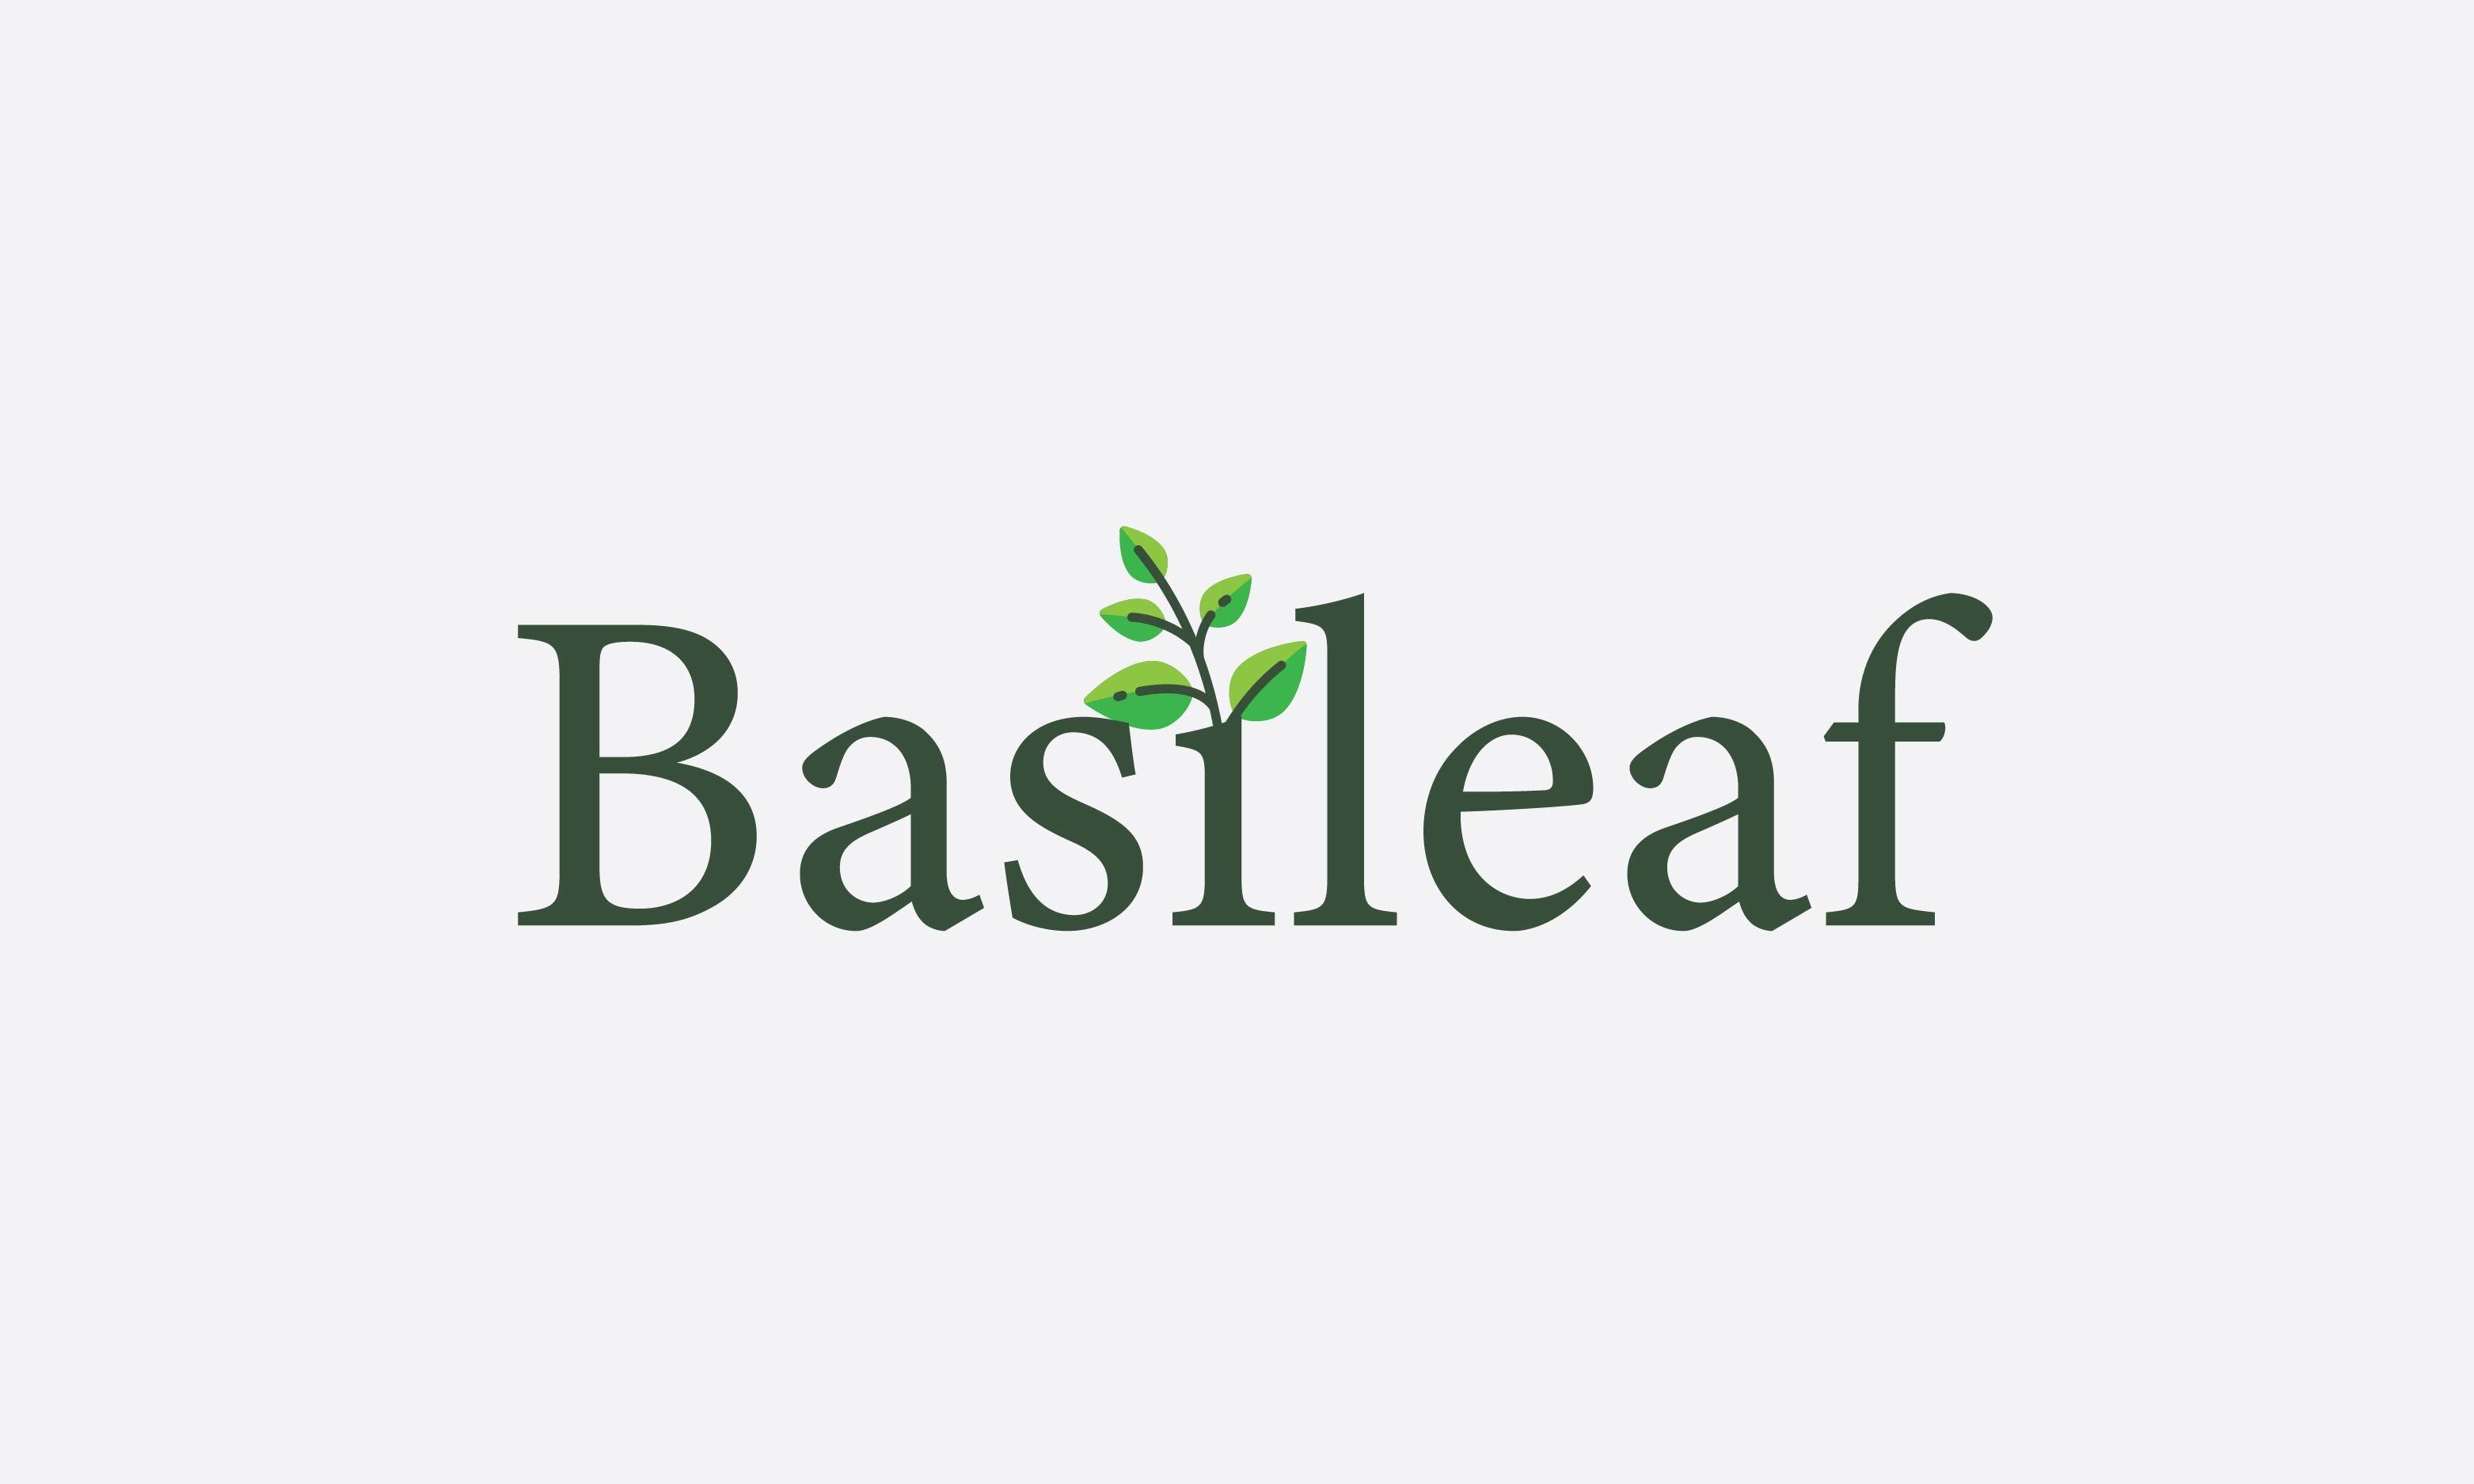 BasiLeaf.com